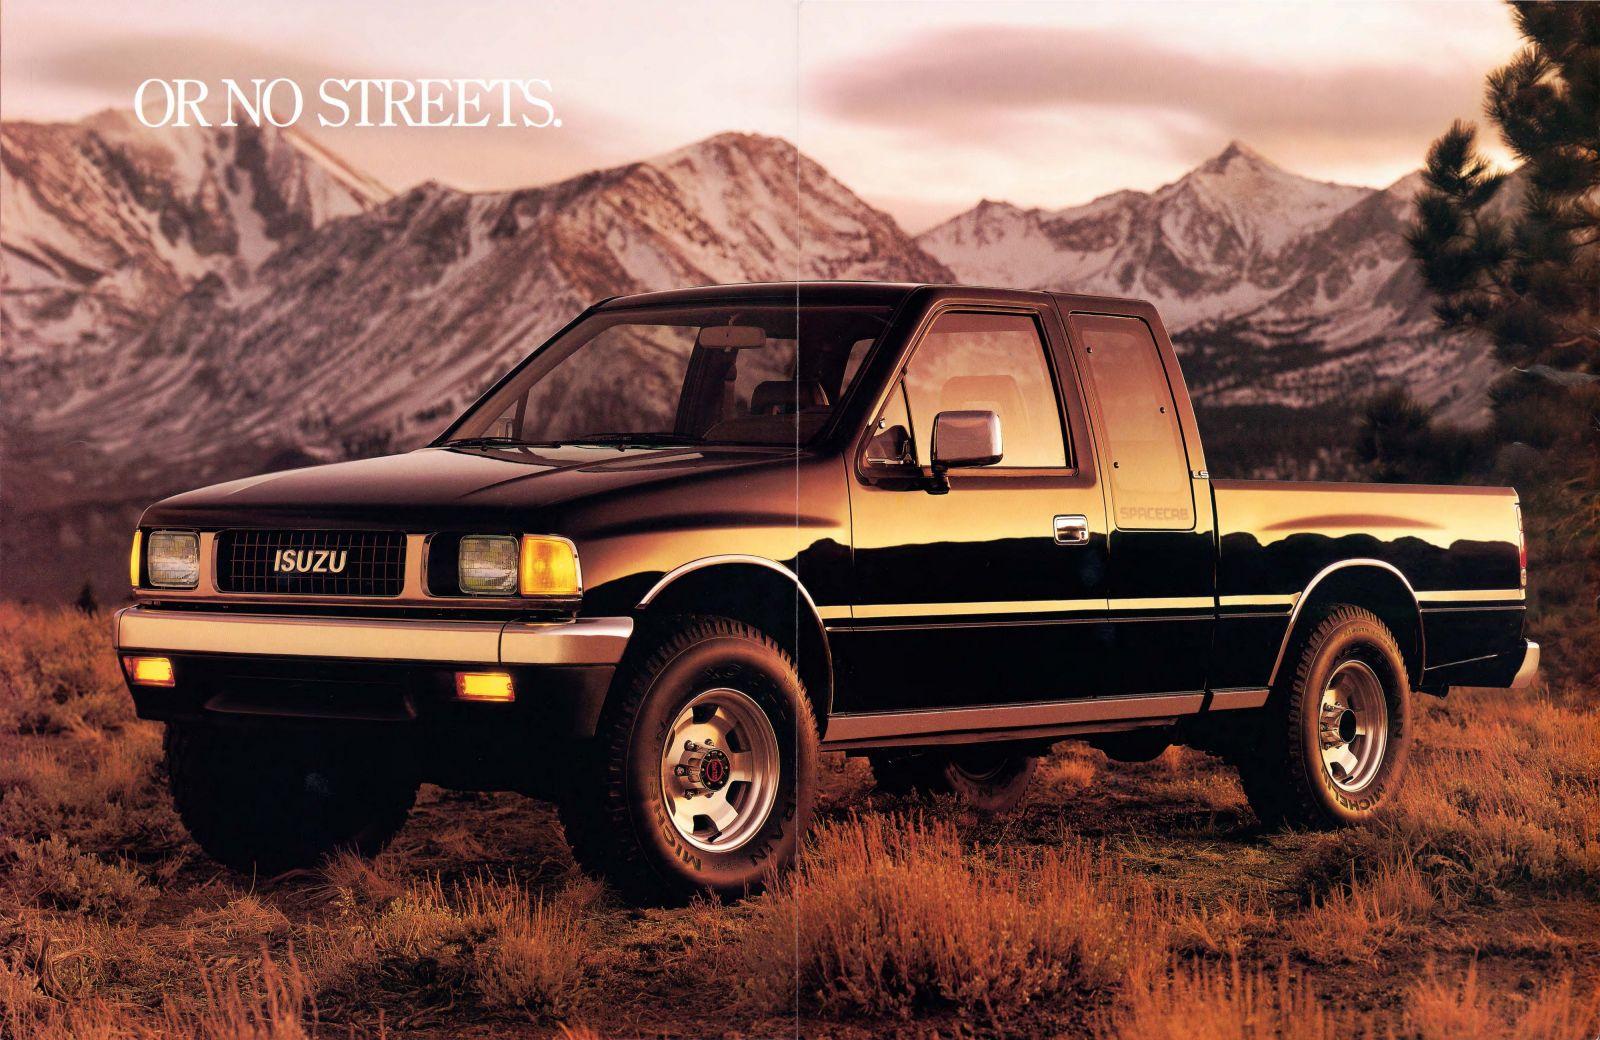 1988 Isuzu Pickups 004.jpg